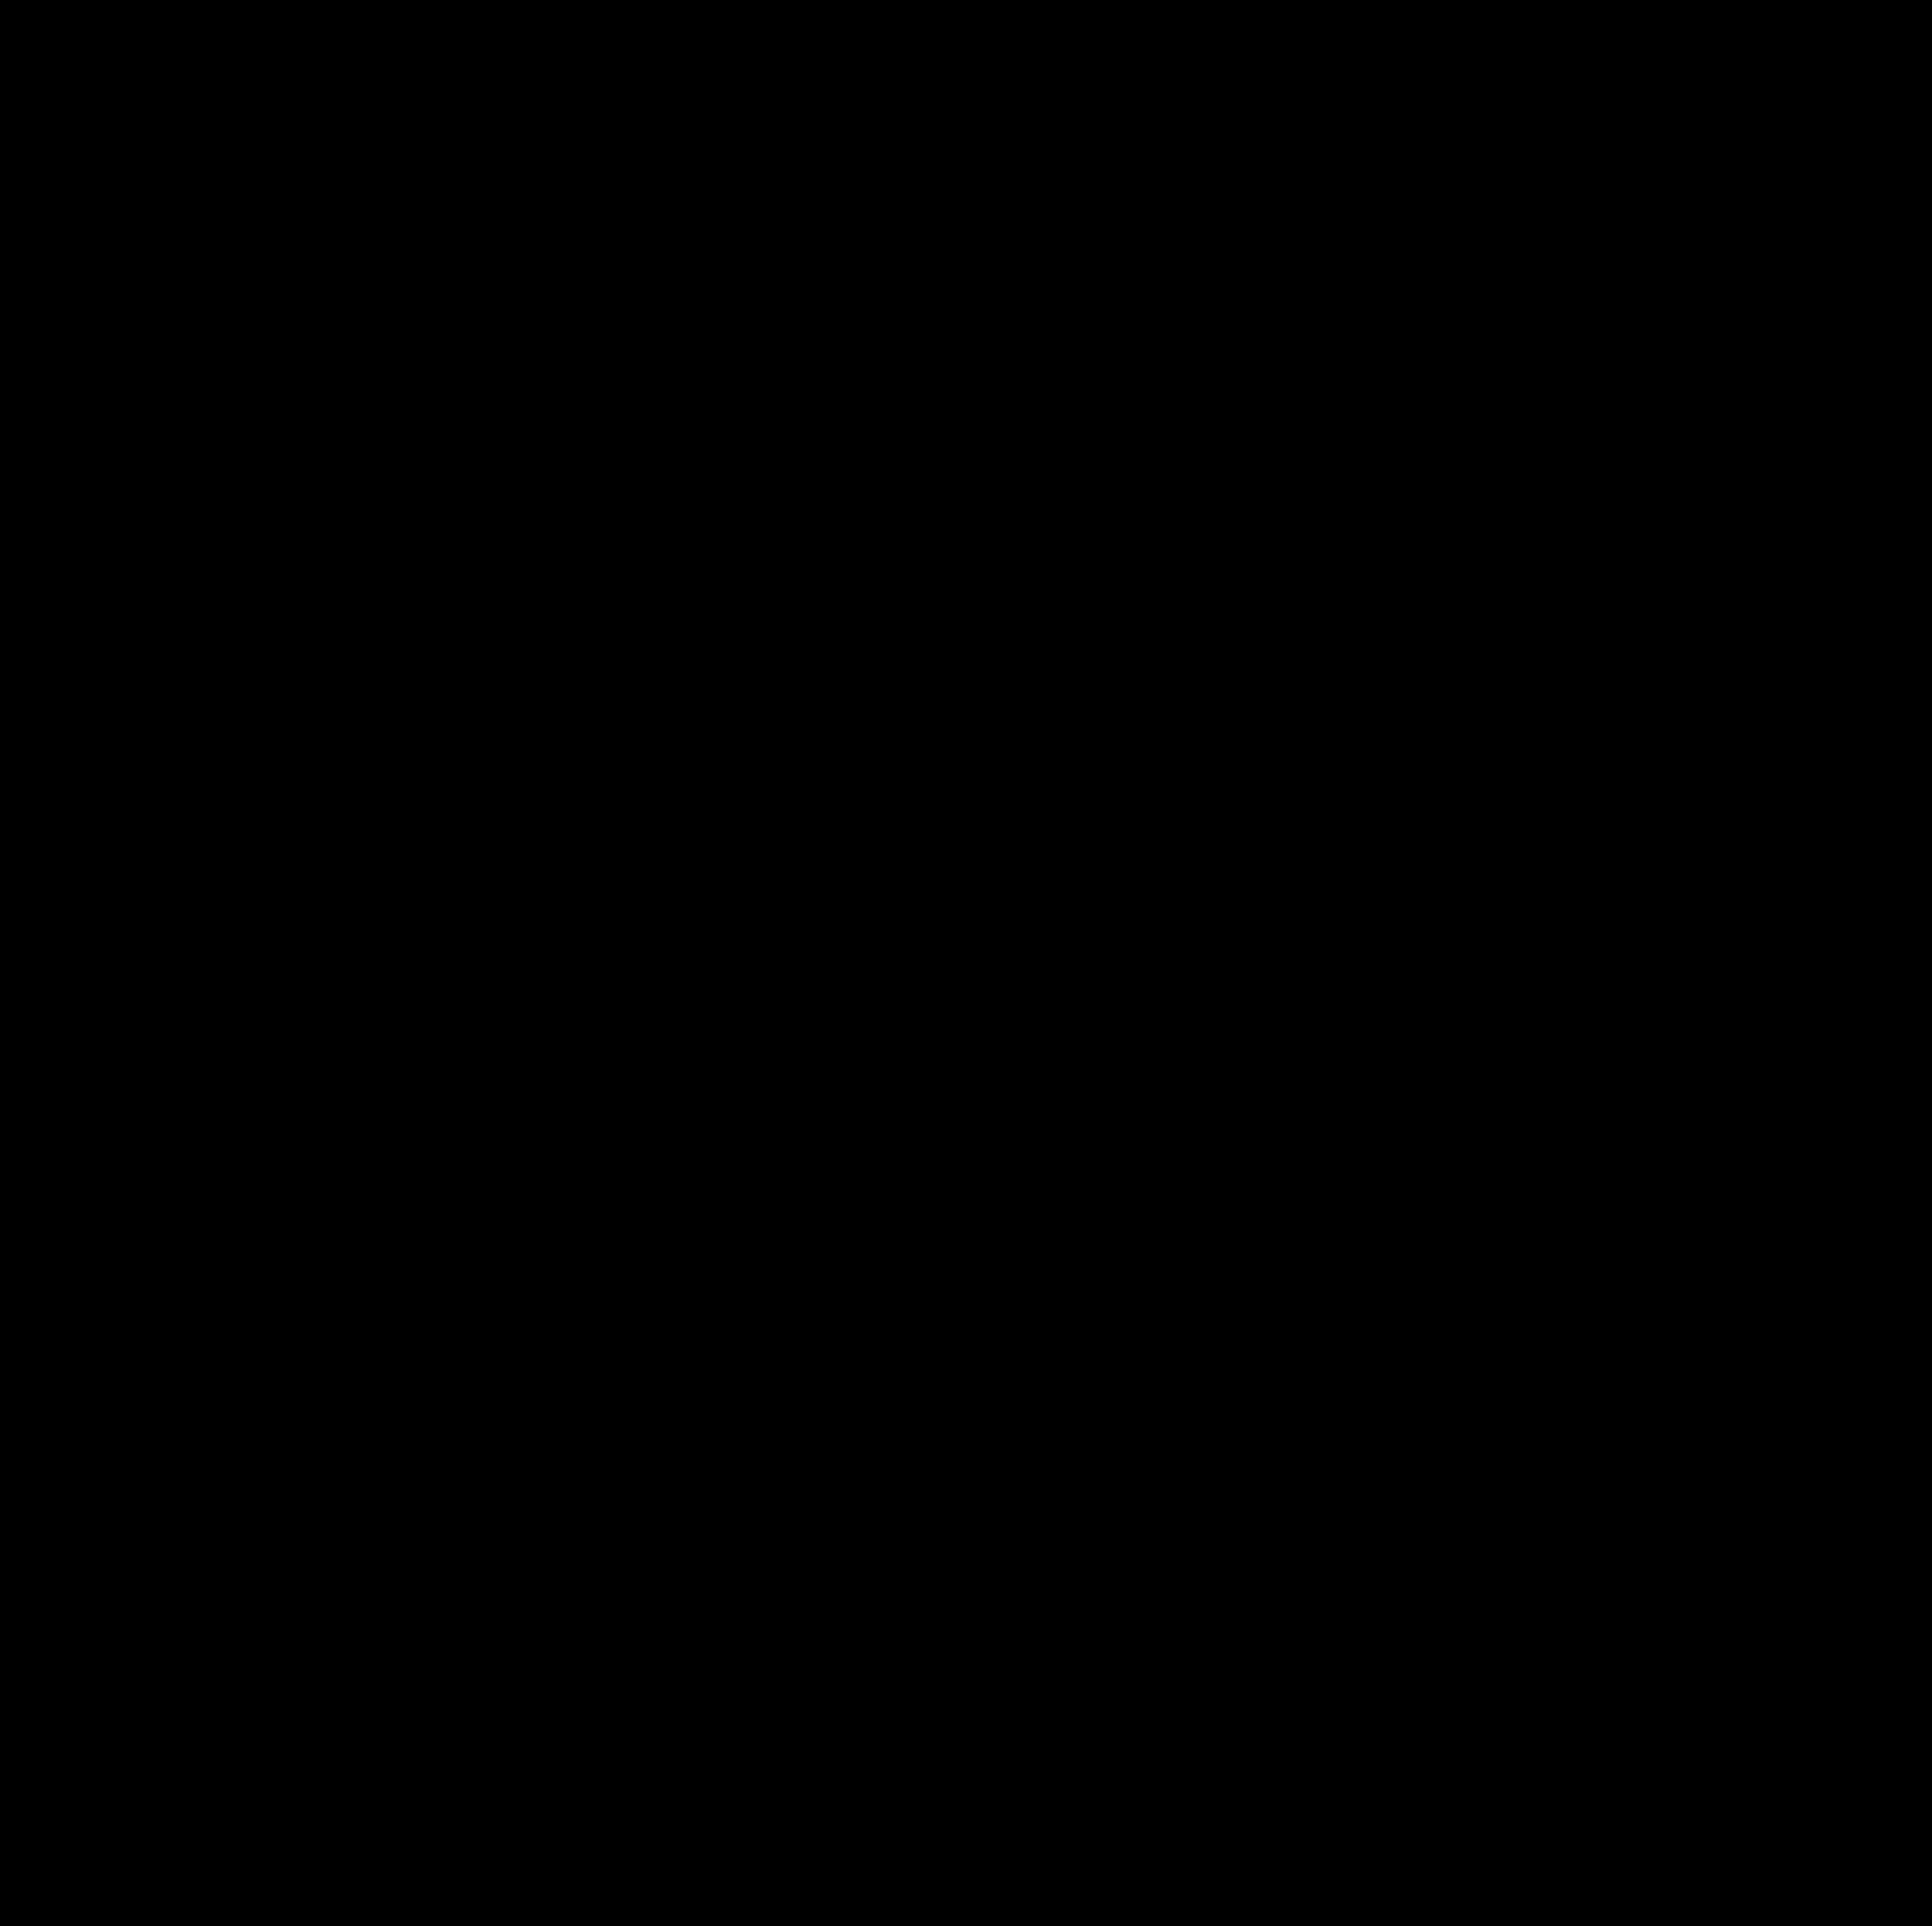 farfetch logo 0 - Farfetch Logo